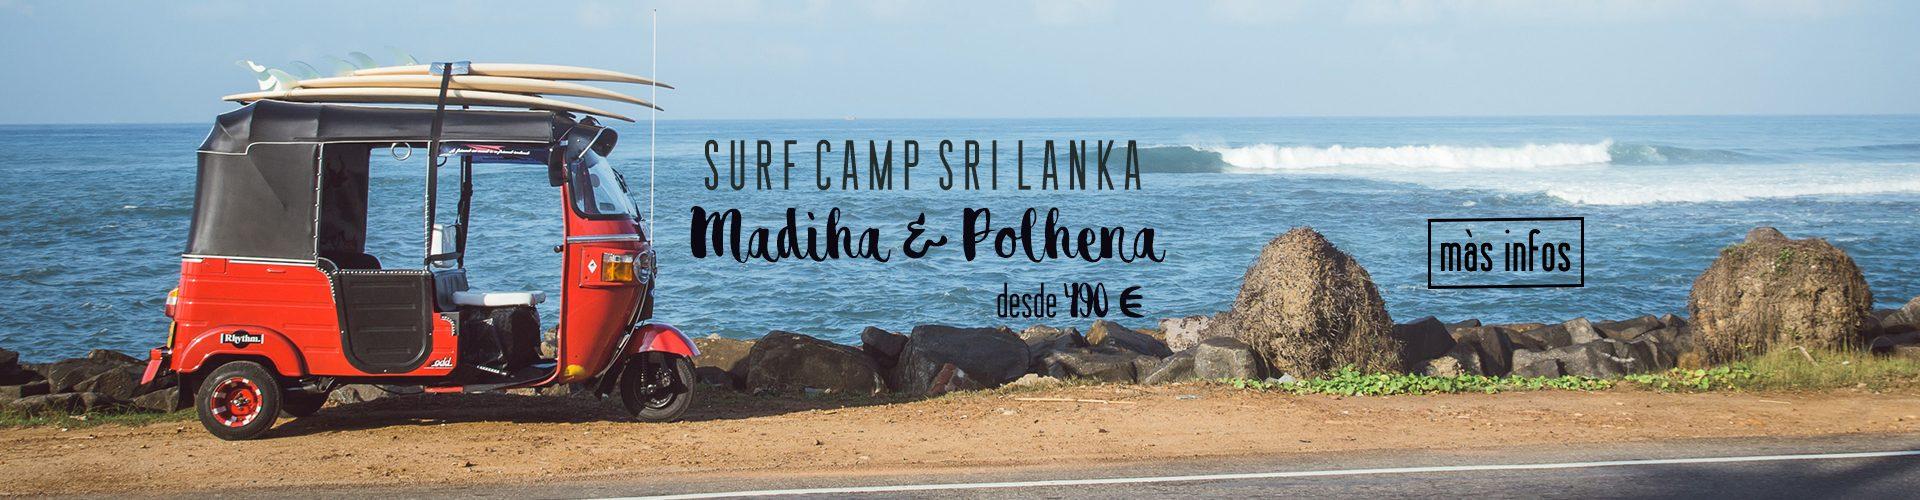 Campamento de Surf Sri Lanka